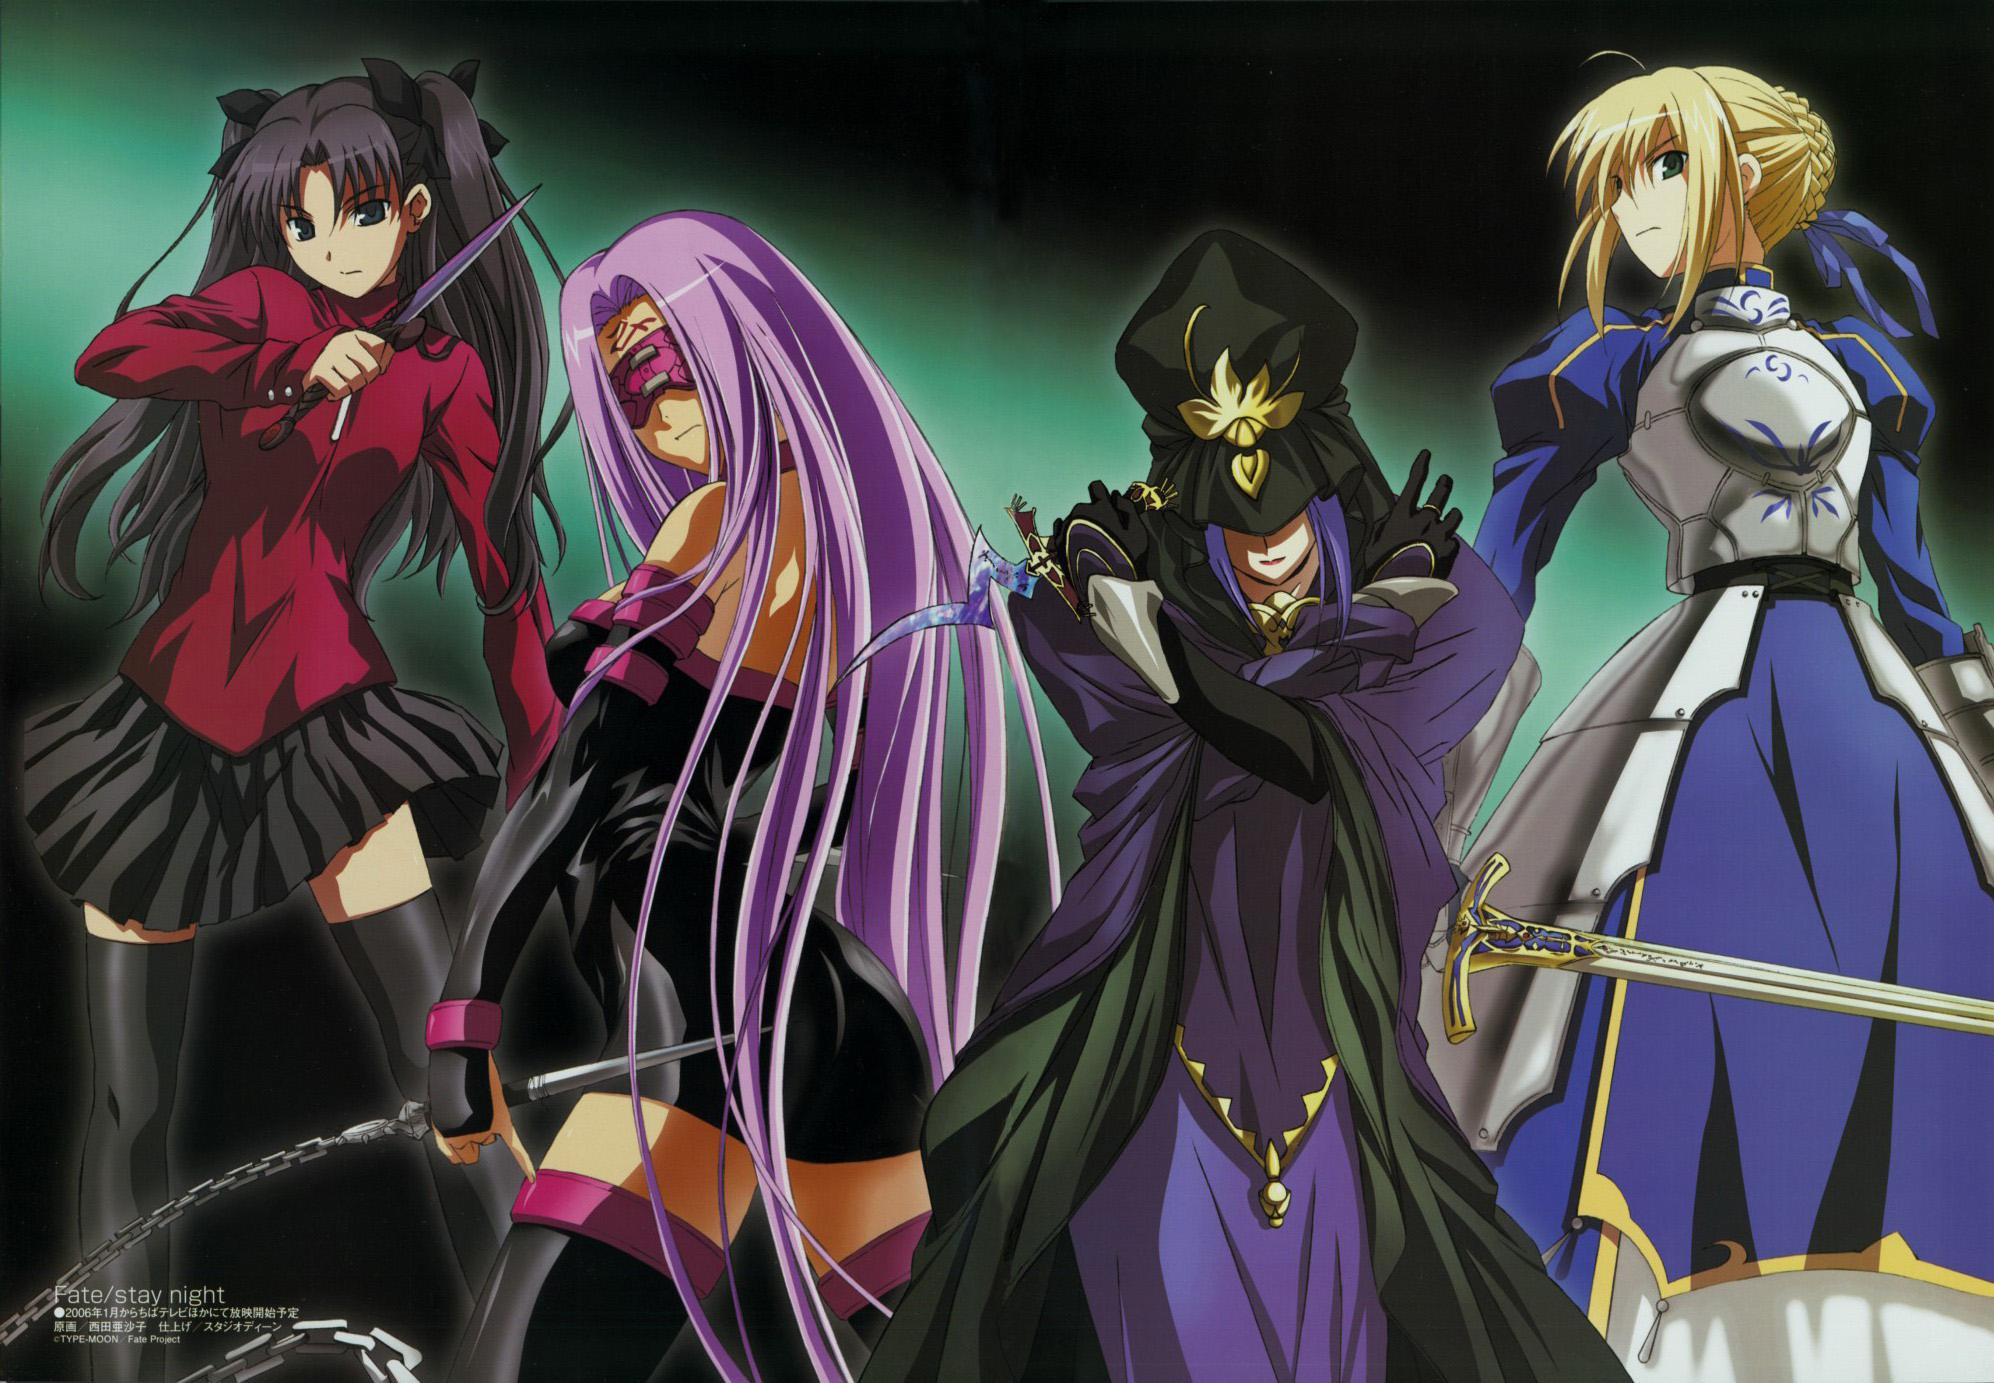 fatestay night konachannet   Konachancom Anime Wallpapers 1994x1383